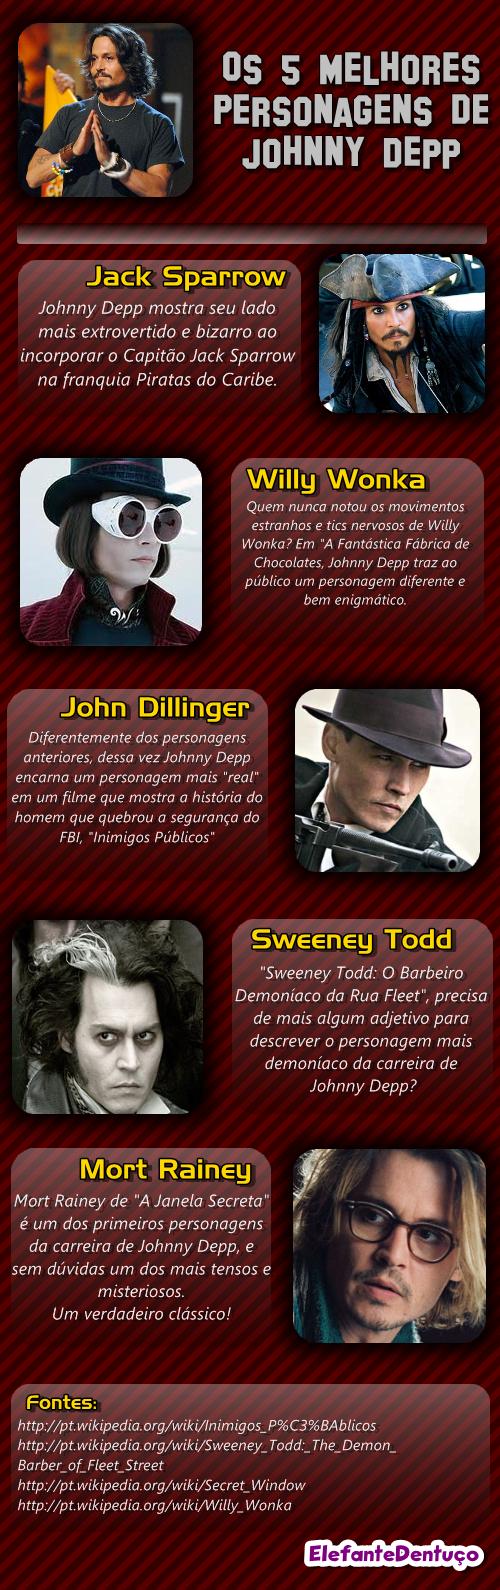 Os 5 melhores personagens da carreira de Johnny Depp